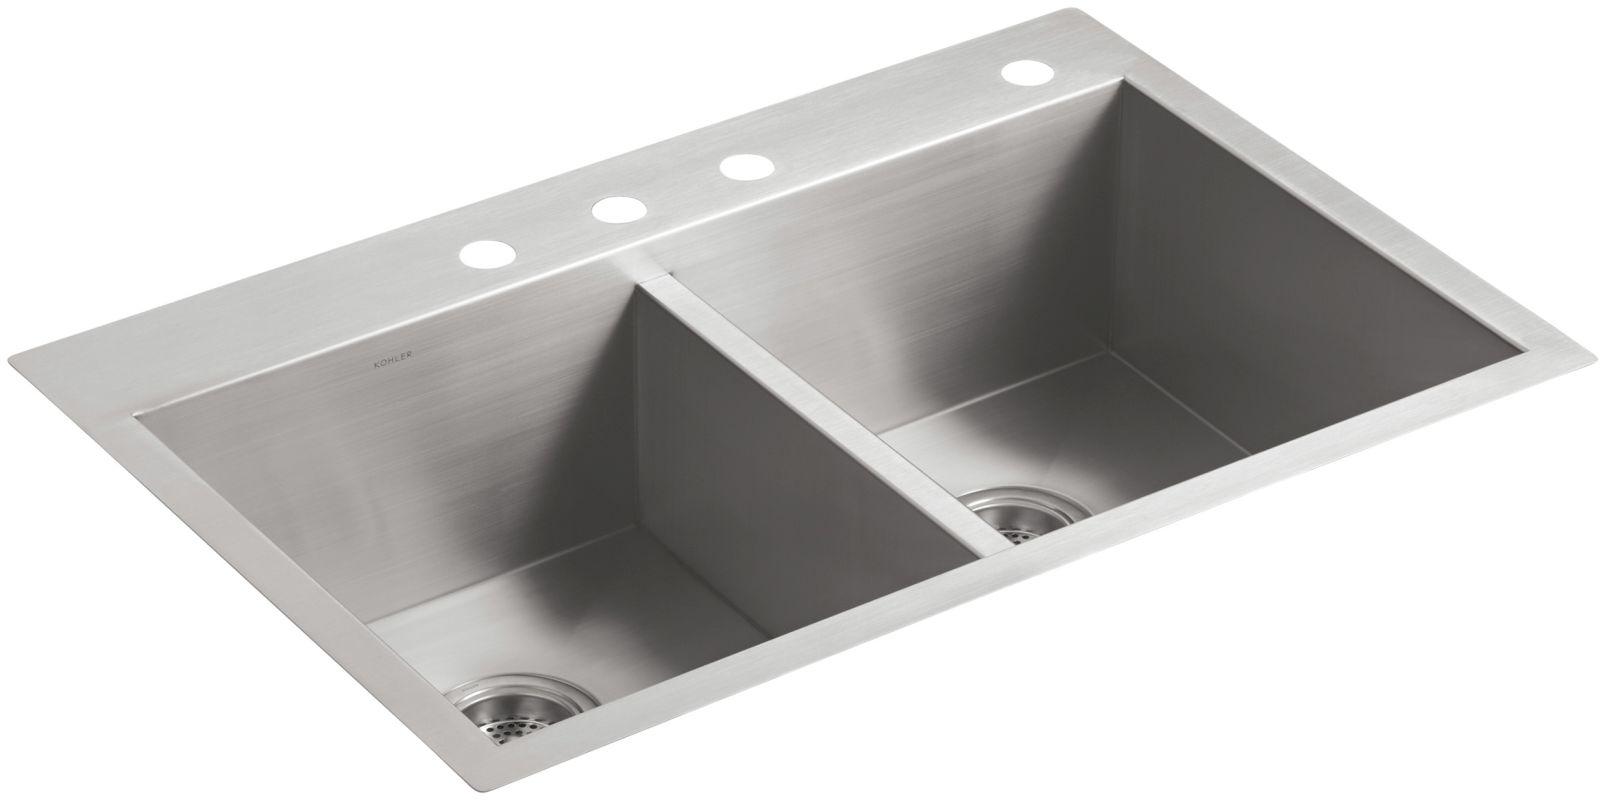 Kohler Stainless Steel Kitchen Sinks faucet | k-3820-4-na in stainlesskohler